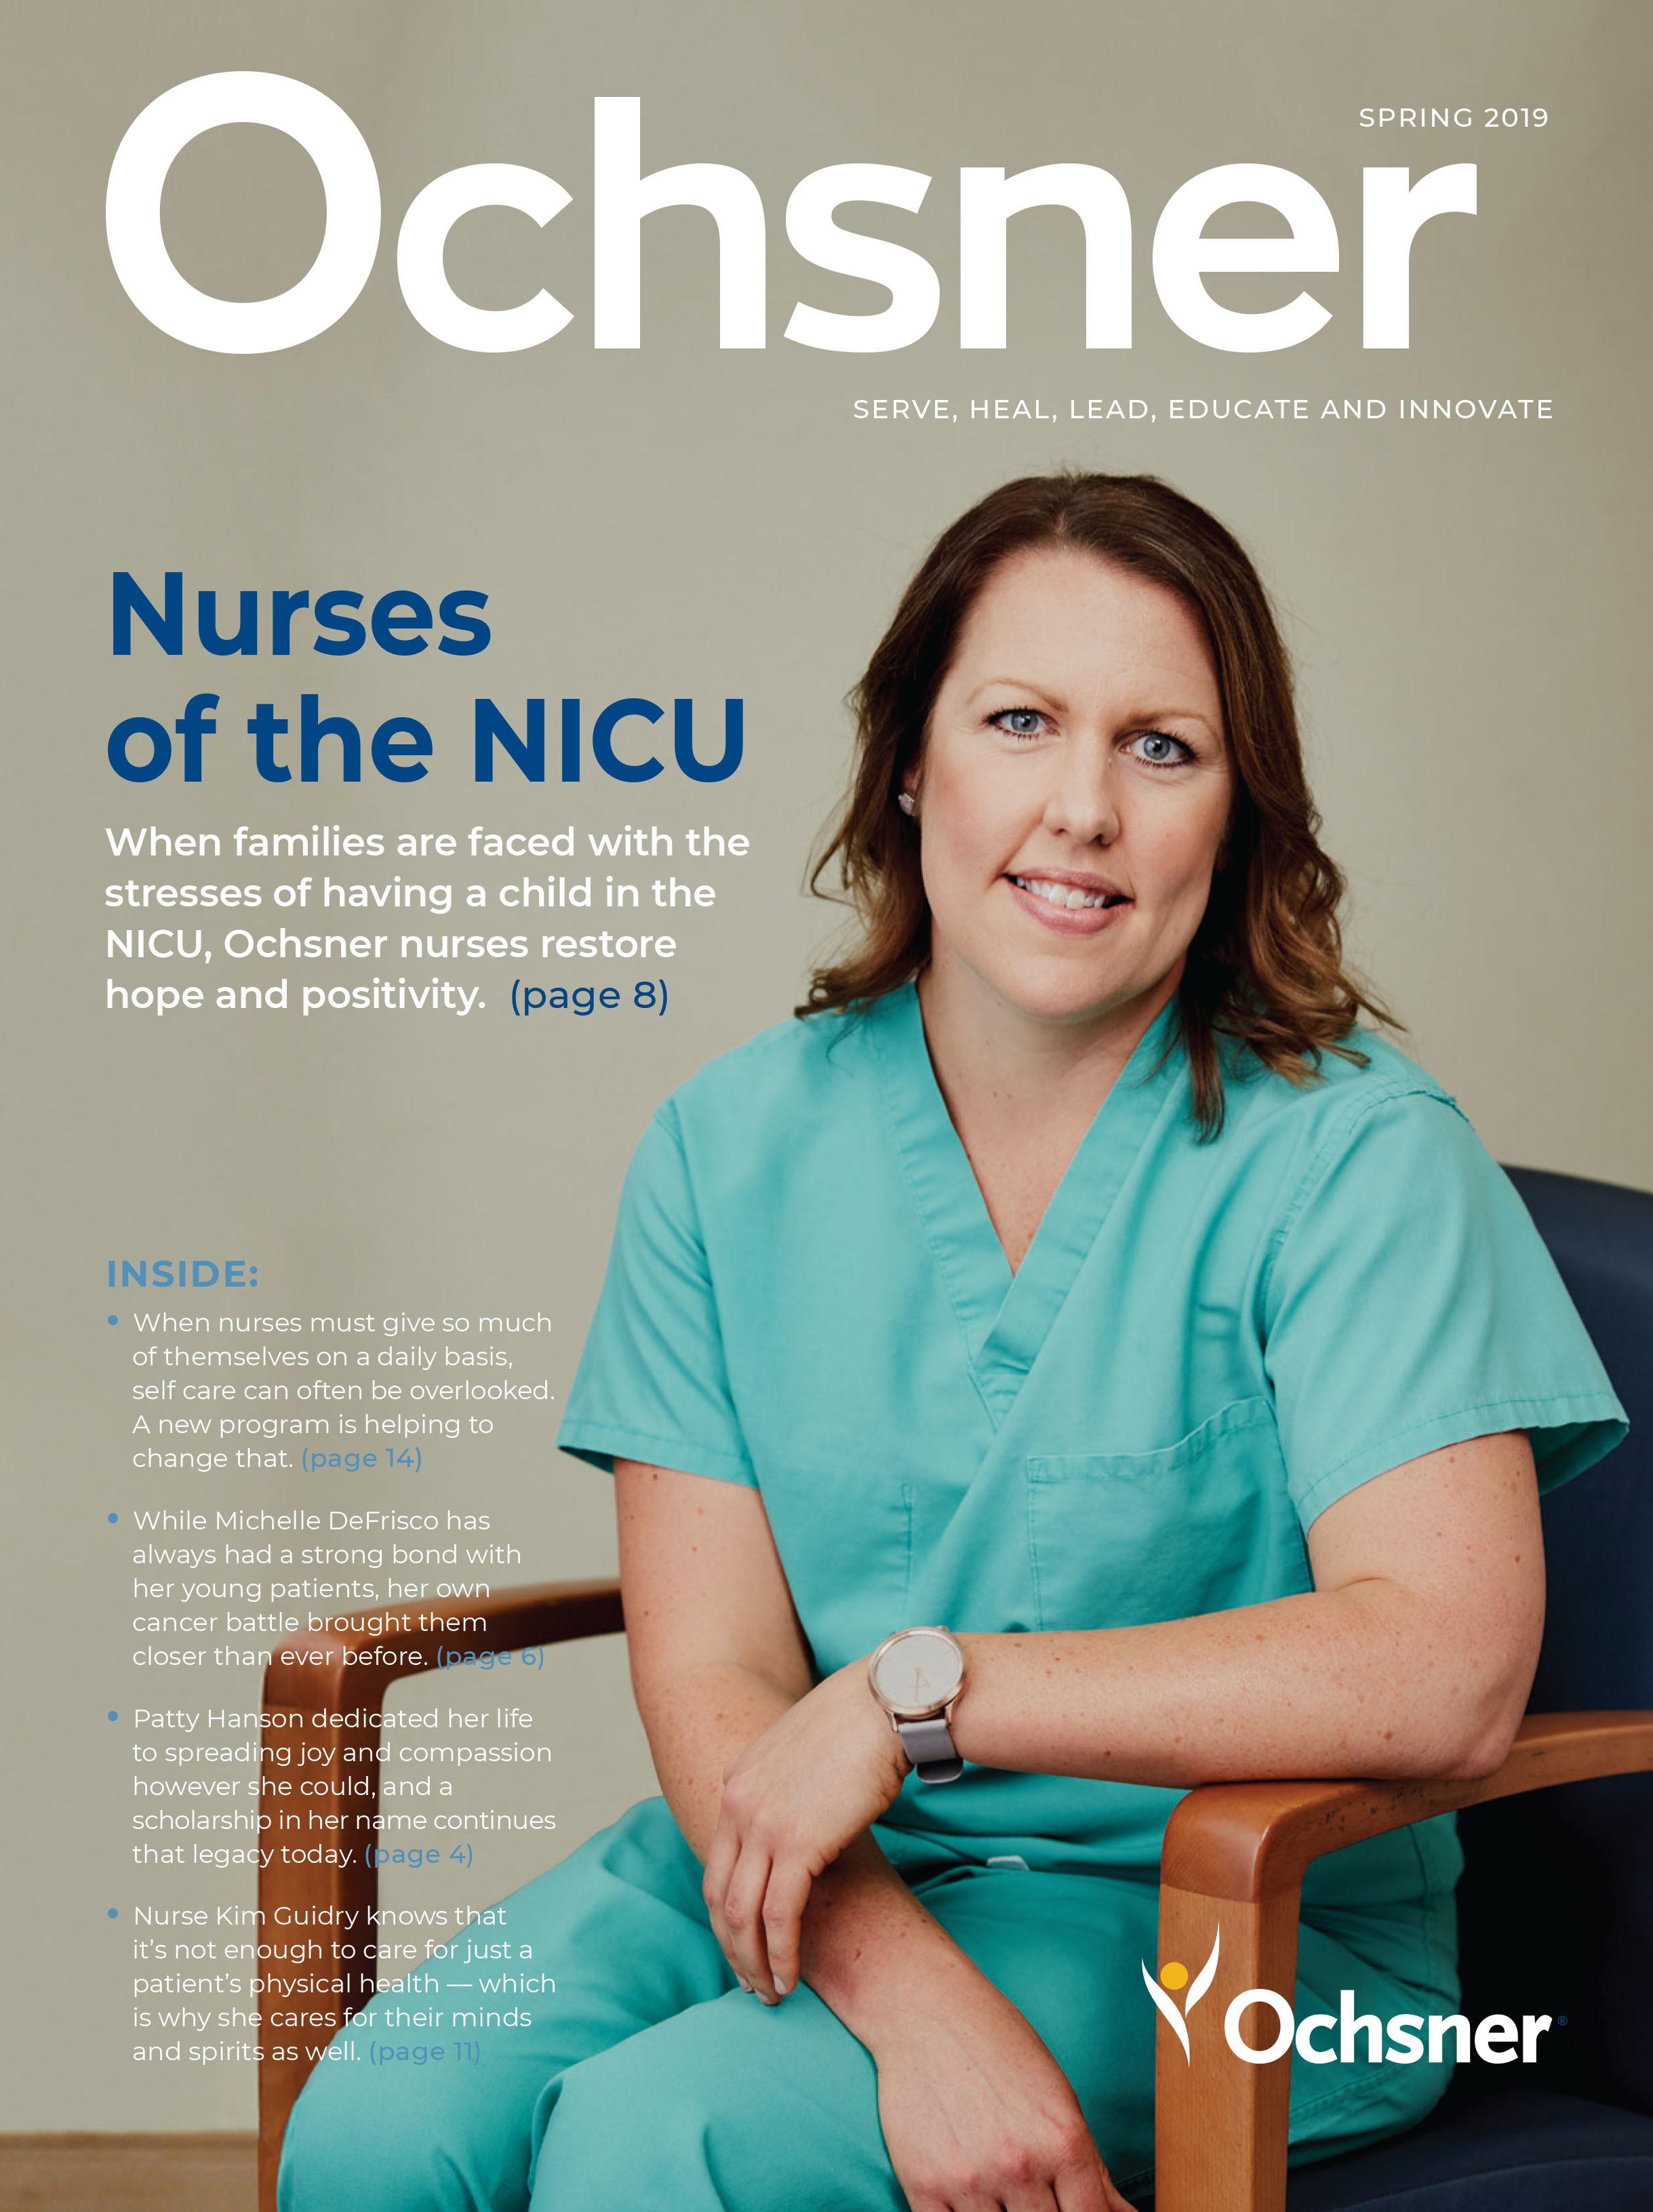 Ochsner Spring2019 Cover